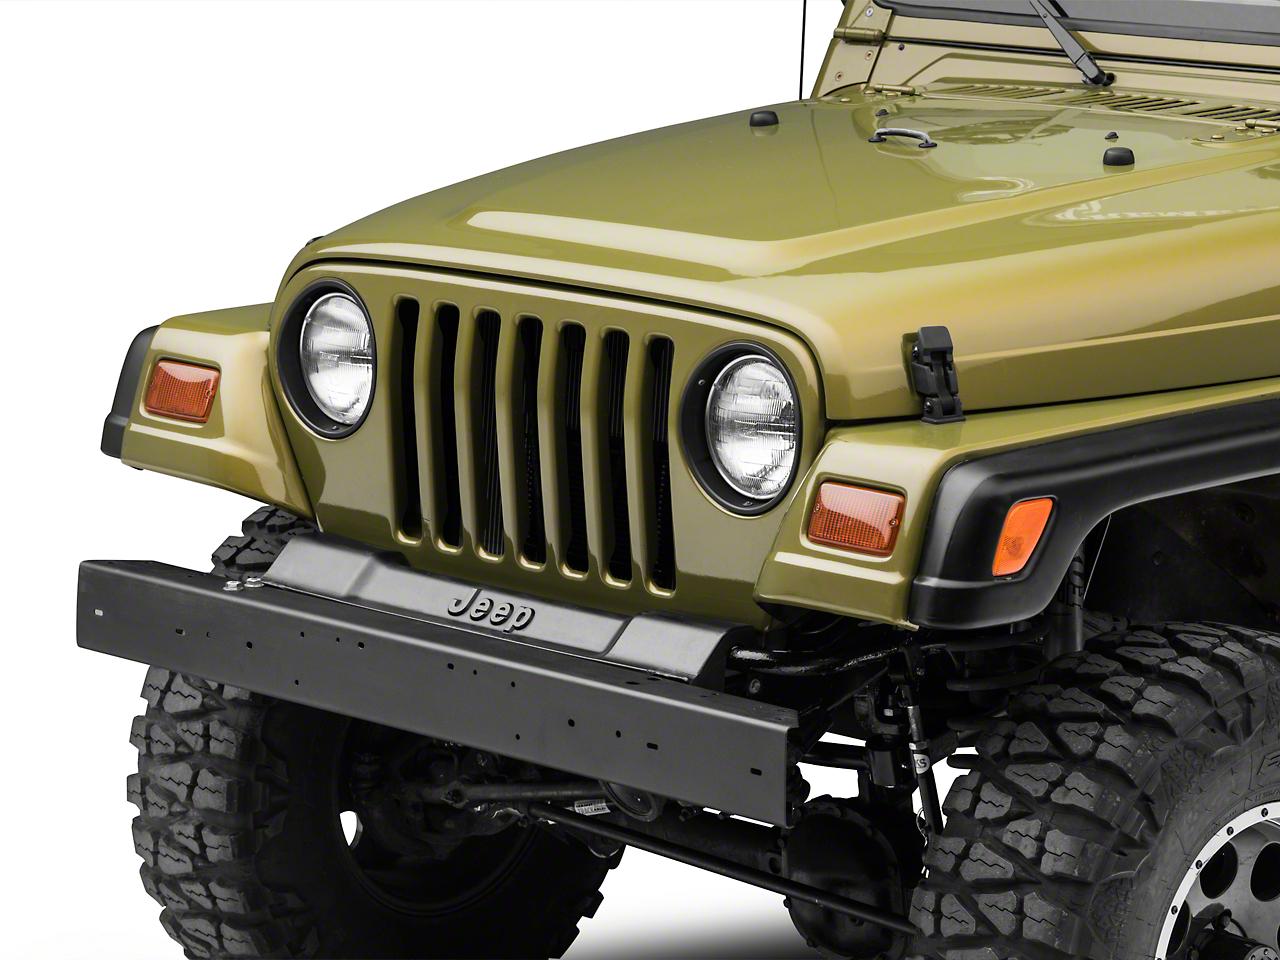 Omix-ADA Front Bumper - Black (97-06 Jeep Wrangler TJ)